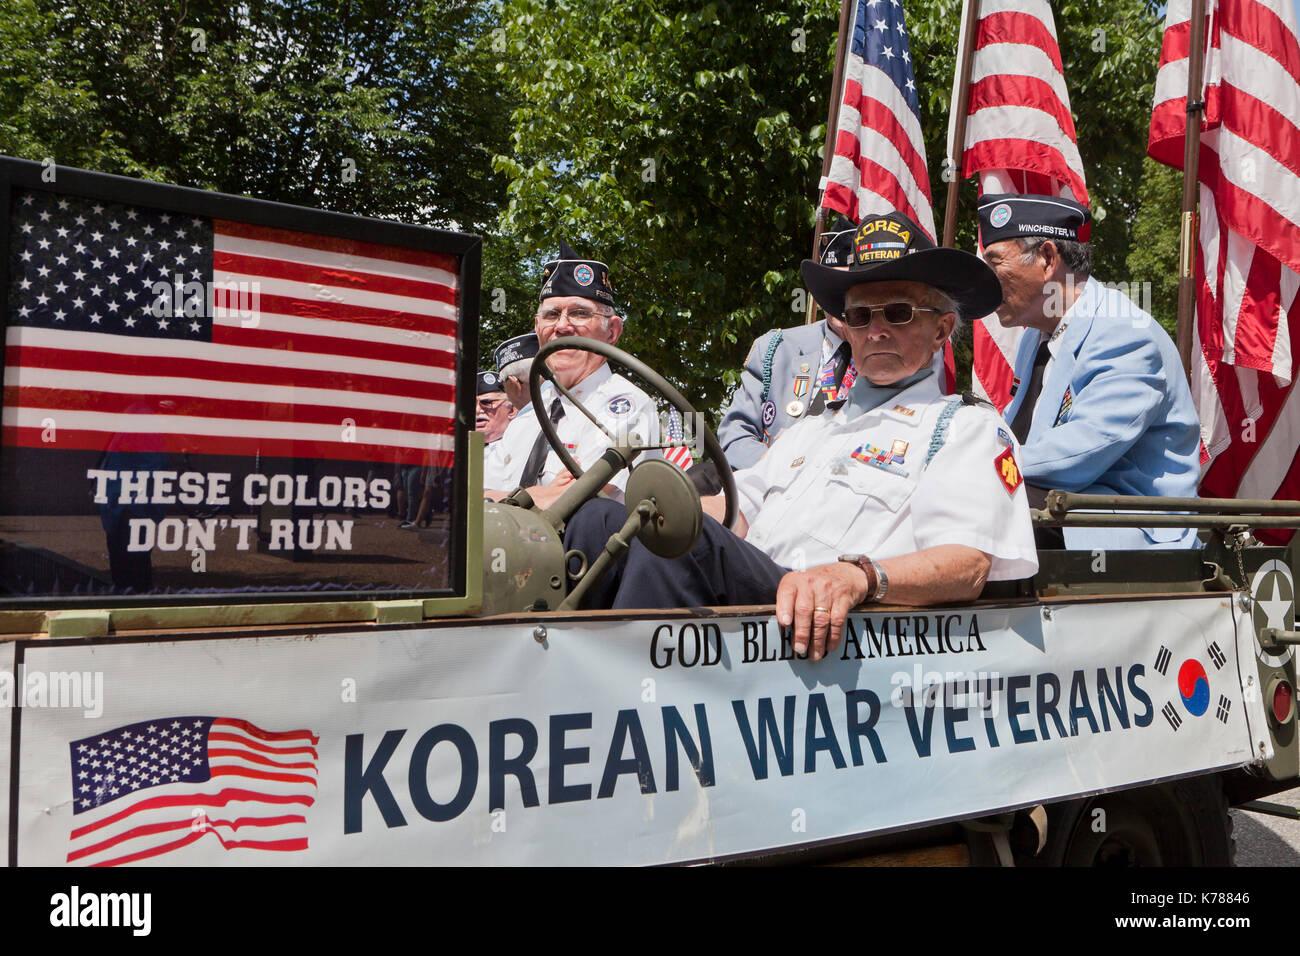 War usa korean United States